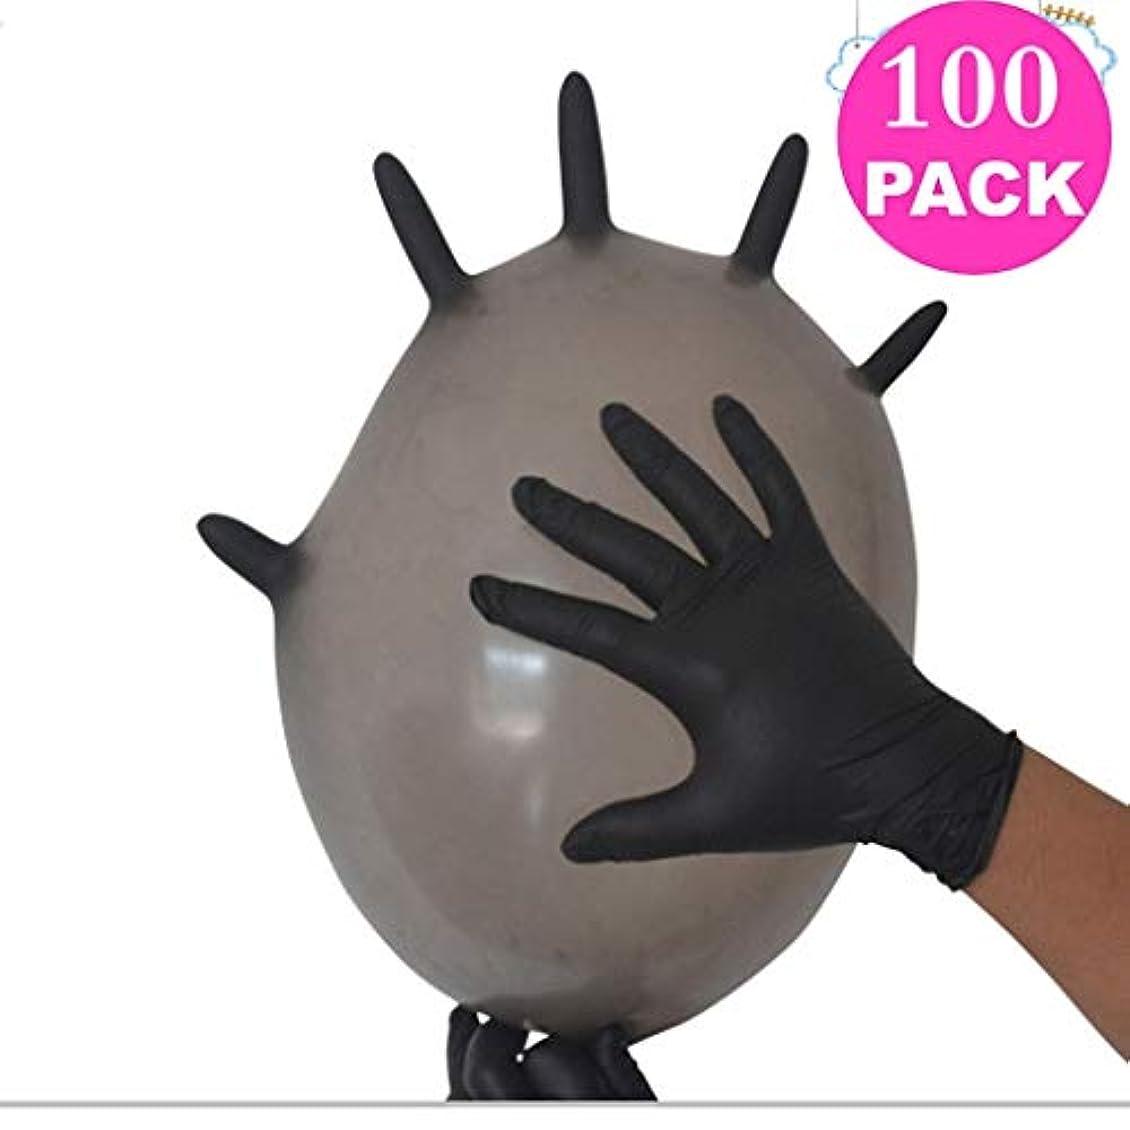 流メドレーペイン1パック使い捨て手袋ニトリルケータリング耐油試験用ラテックス外科gloves100 (Color : Black, Size : L)